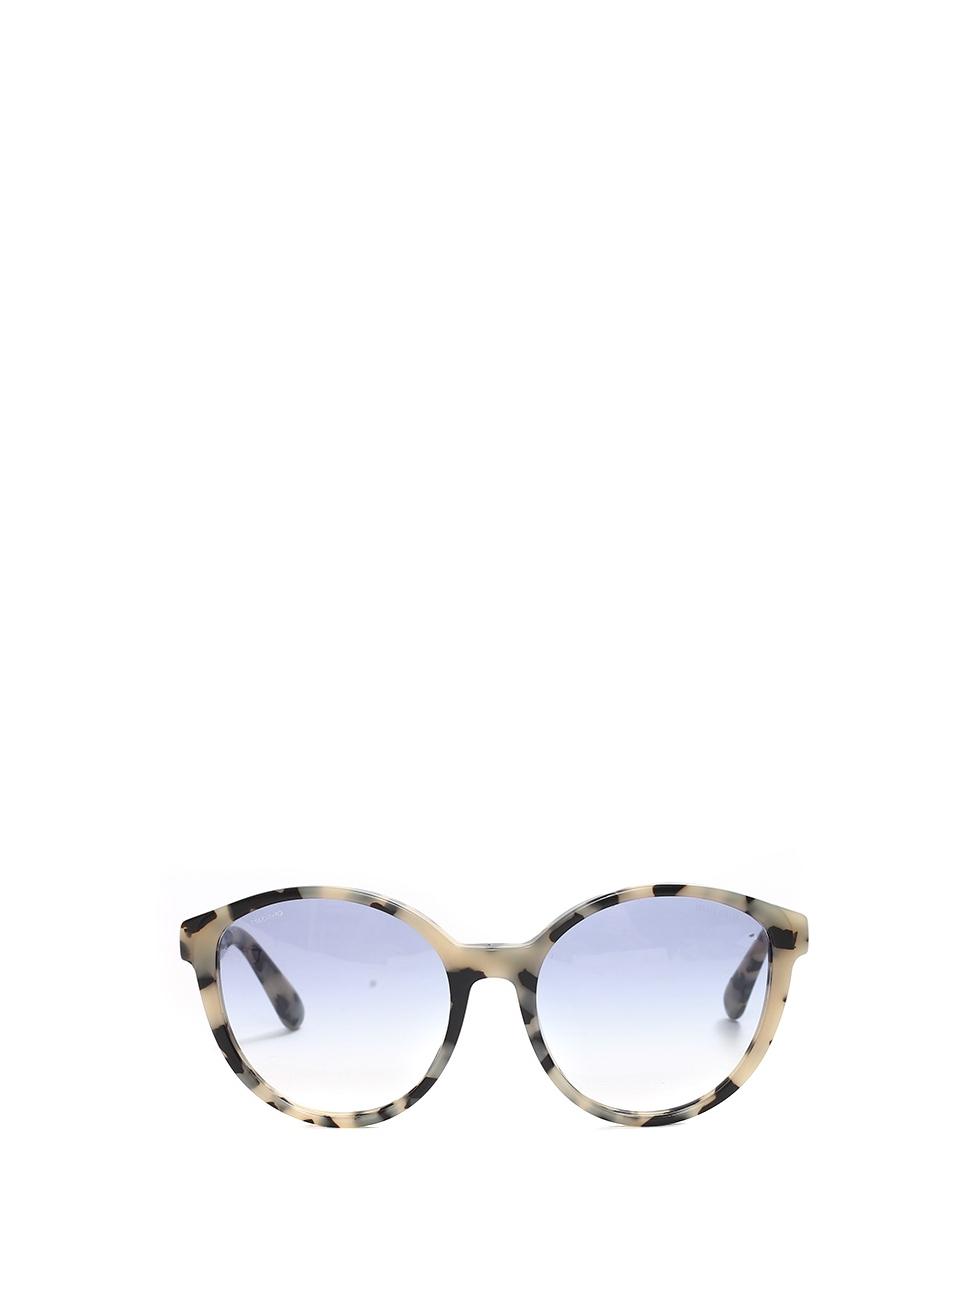 261ff8716f Lunettes de soleil œil-de-chat monture acétate écailles noir et beige verre  dégradé